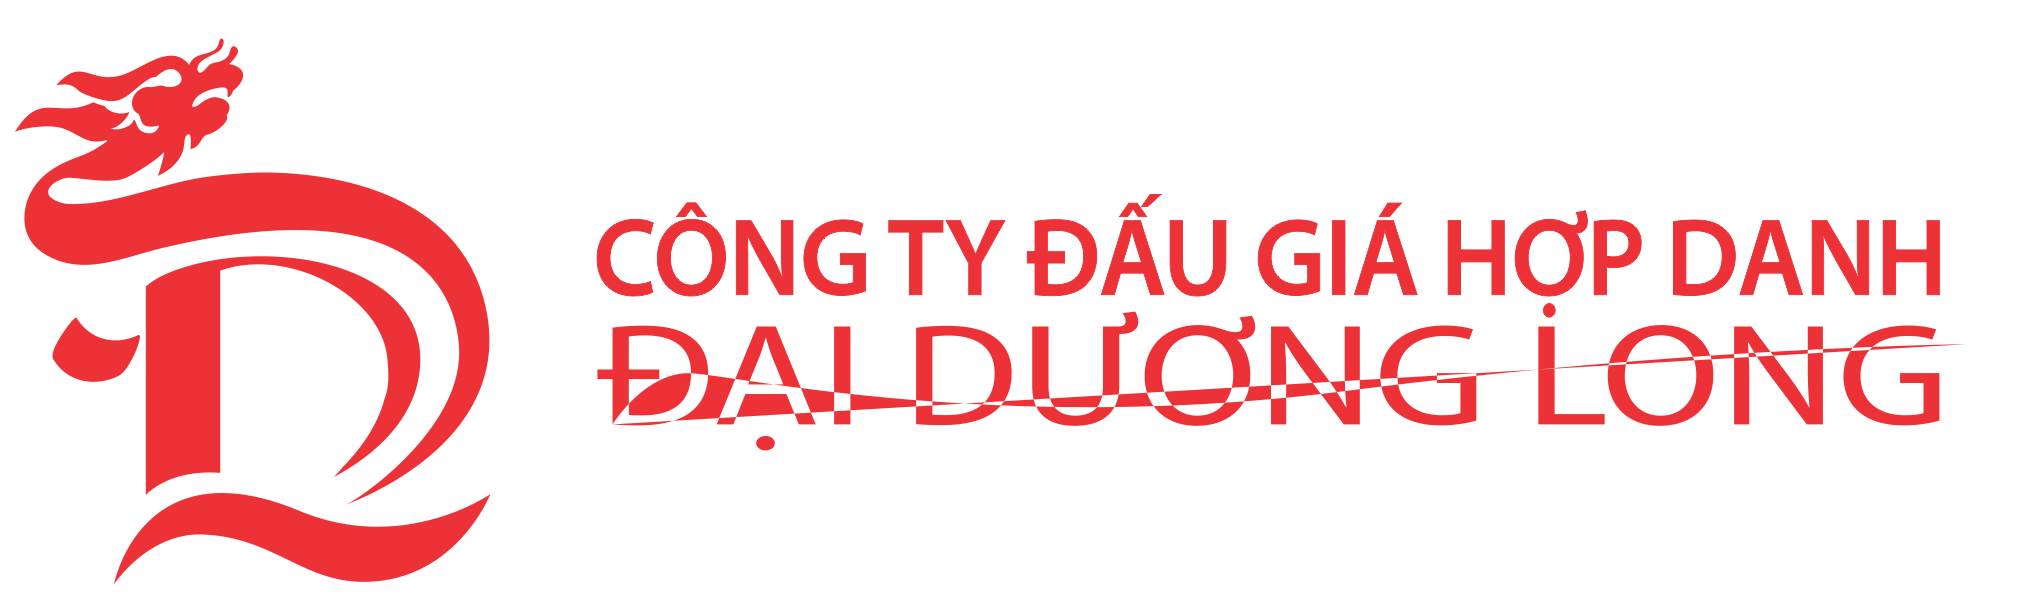 Công ty Đấu giá Đại Dương Long - Chuyên nghiệp, khách quan, tuân thủ PL